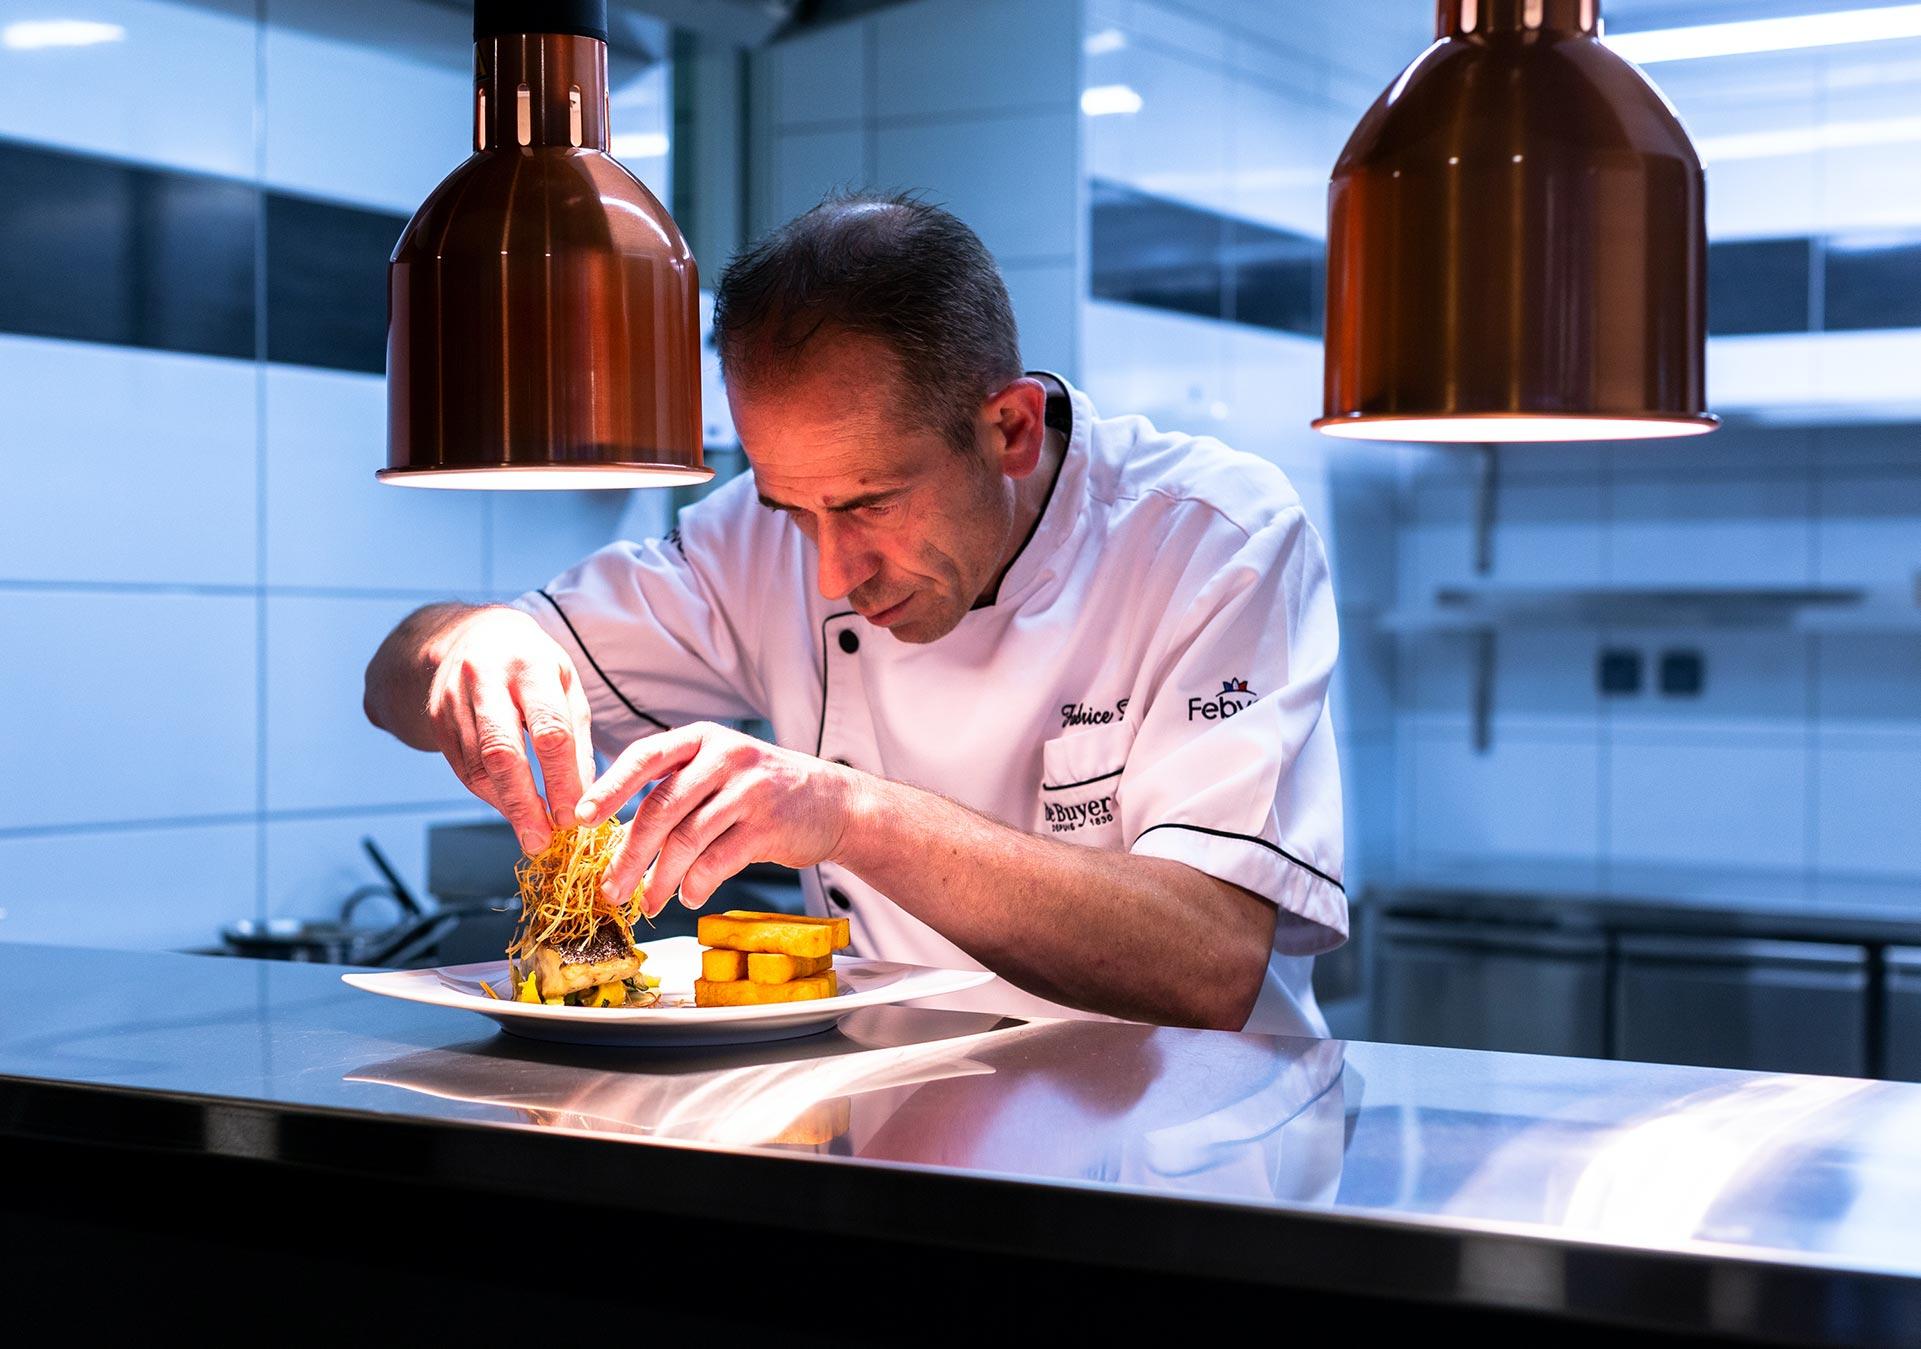 lezardscreation agence communication publicite vosges remiremont photo culinaire fabrice durain uncategorized